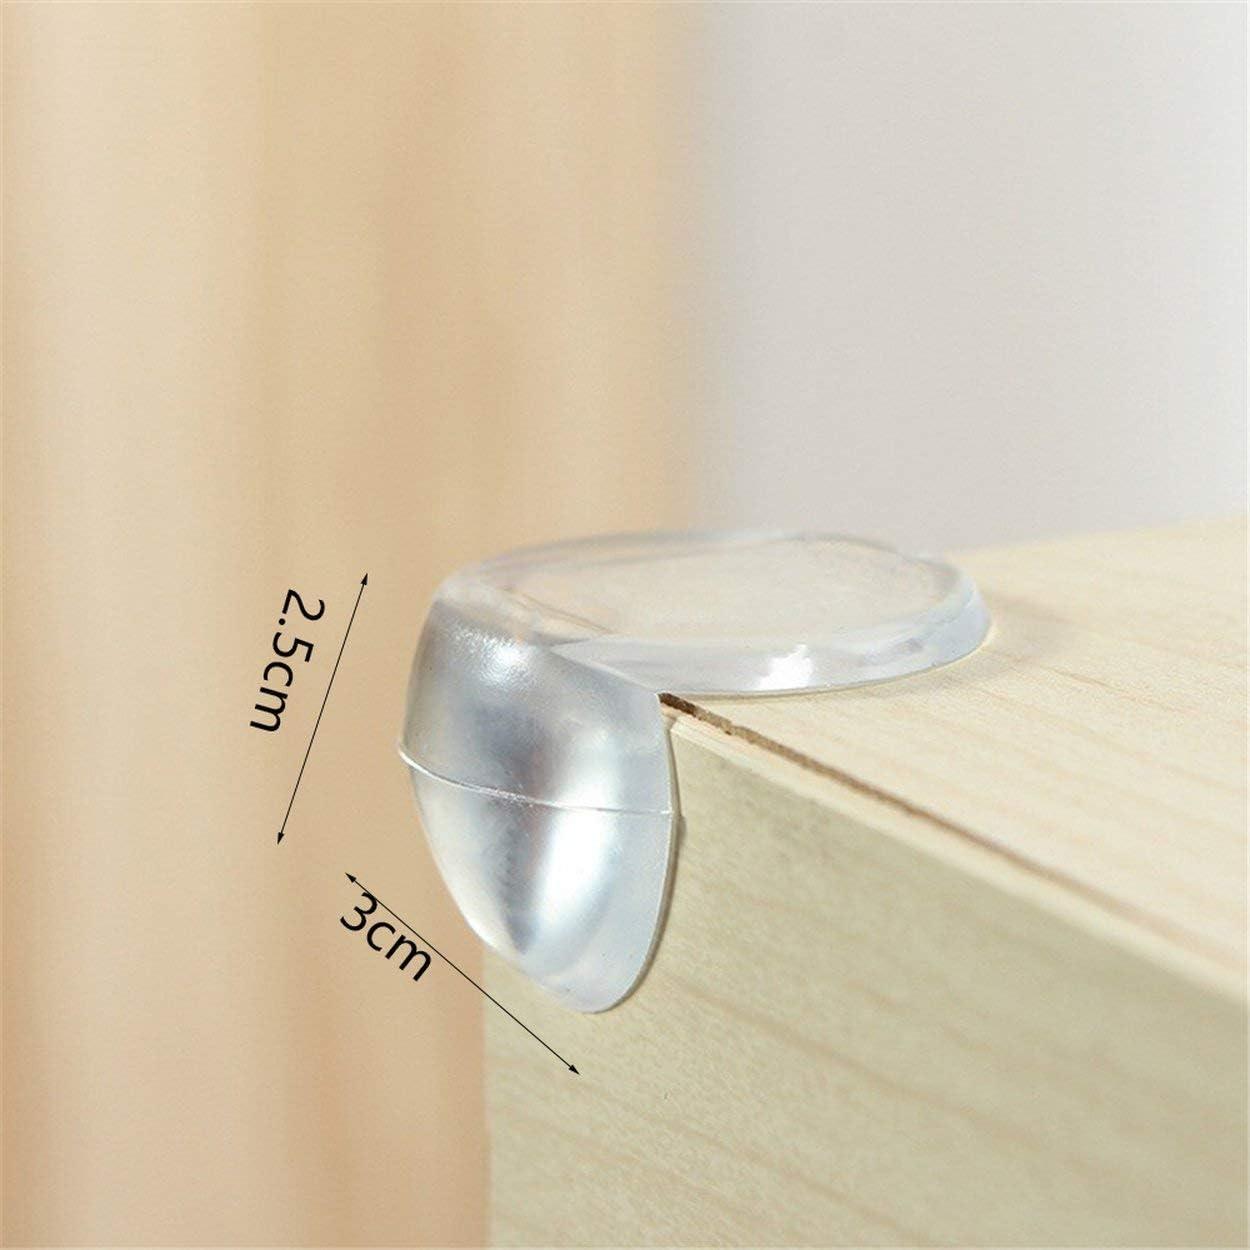 Lorenlli Table en Verre pour b/éb/é Housse de Protection pour Coin Type de p/âte Tapis de Protection pour Enfants Tapis Anti-Collision Table Tapis de Protection pour Coin Mural